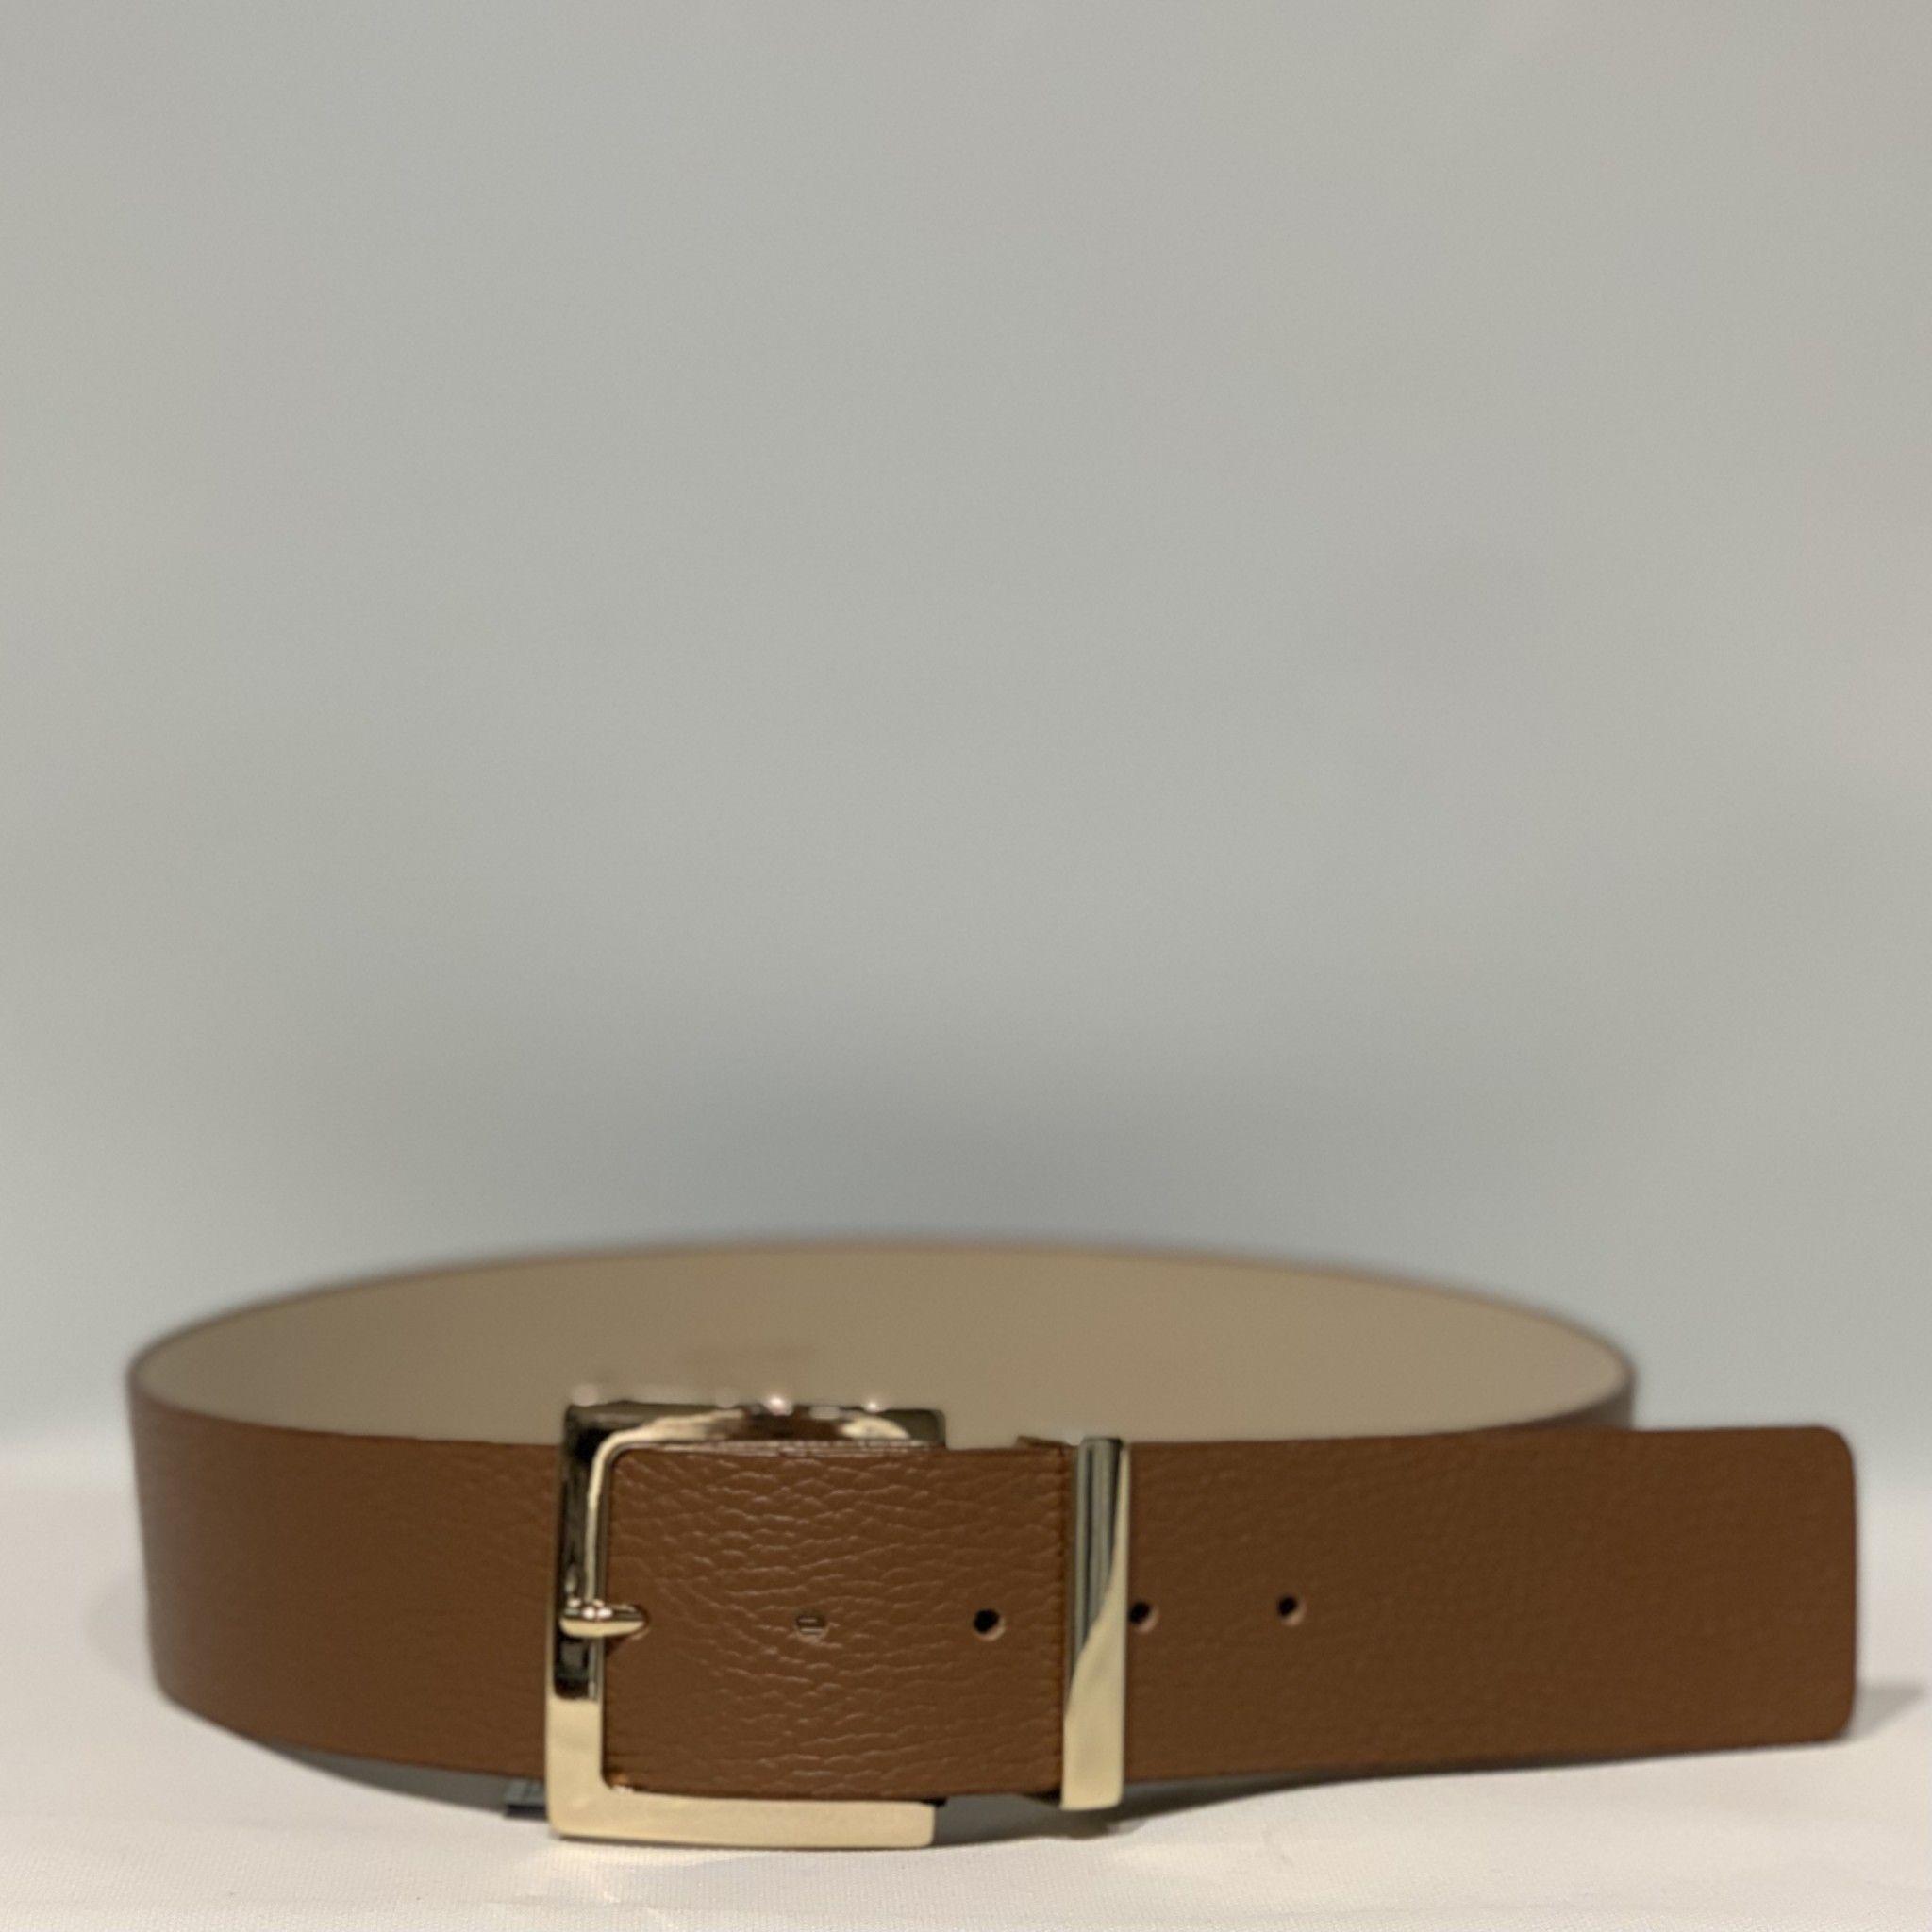 Cintura pelle  cuoio PELLETTERIA G4